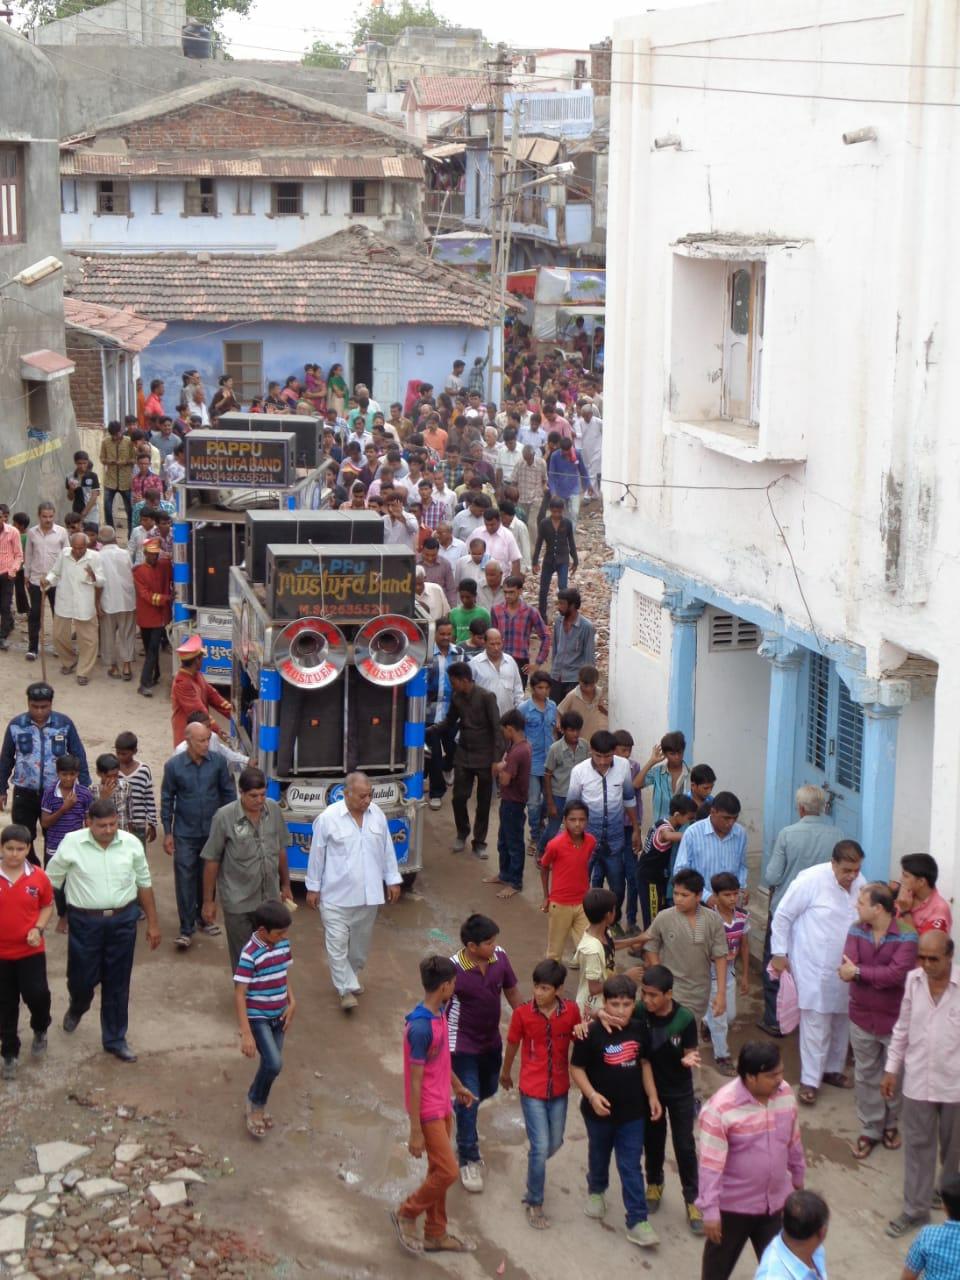 પાટડીમાં 97માં વર્ષે રથયાત્રા સ્થગિત : મંદિરથી તળાવ સુધી જલયાત્રા નીકળશે - Divya Bhaskar